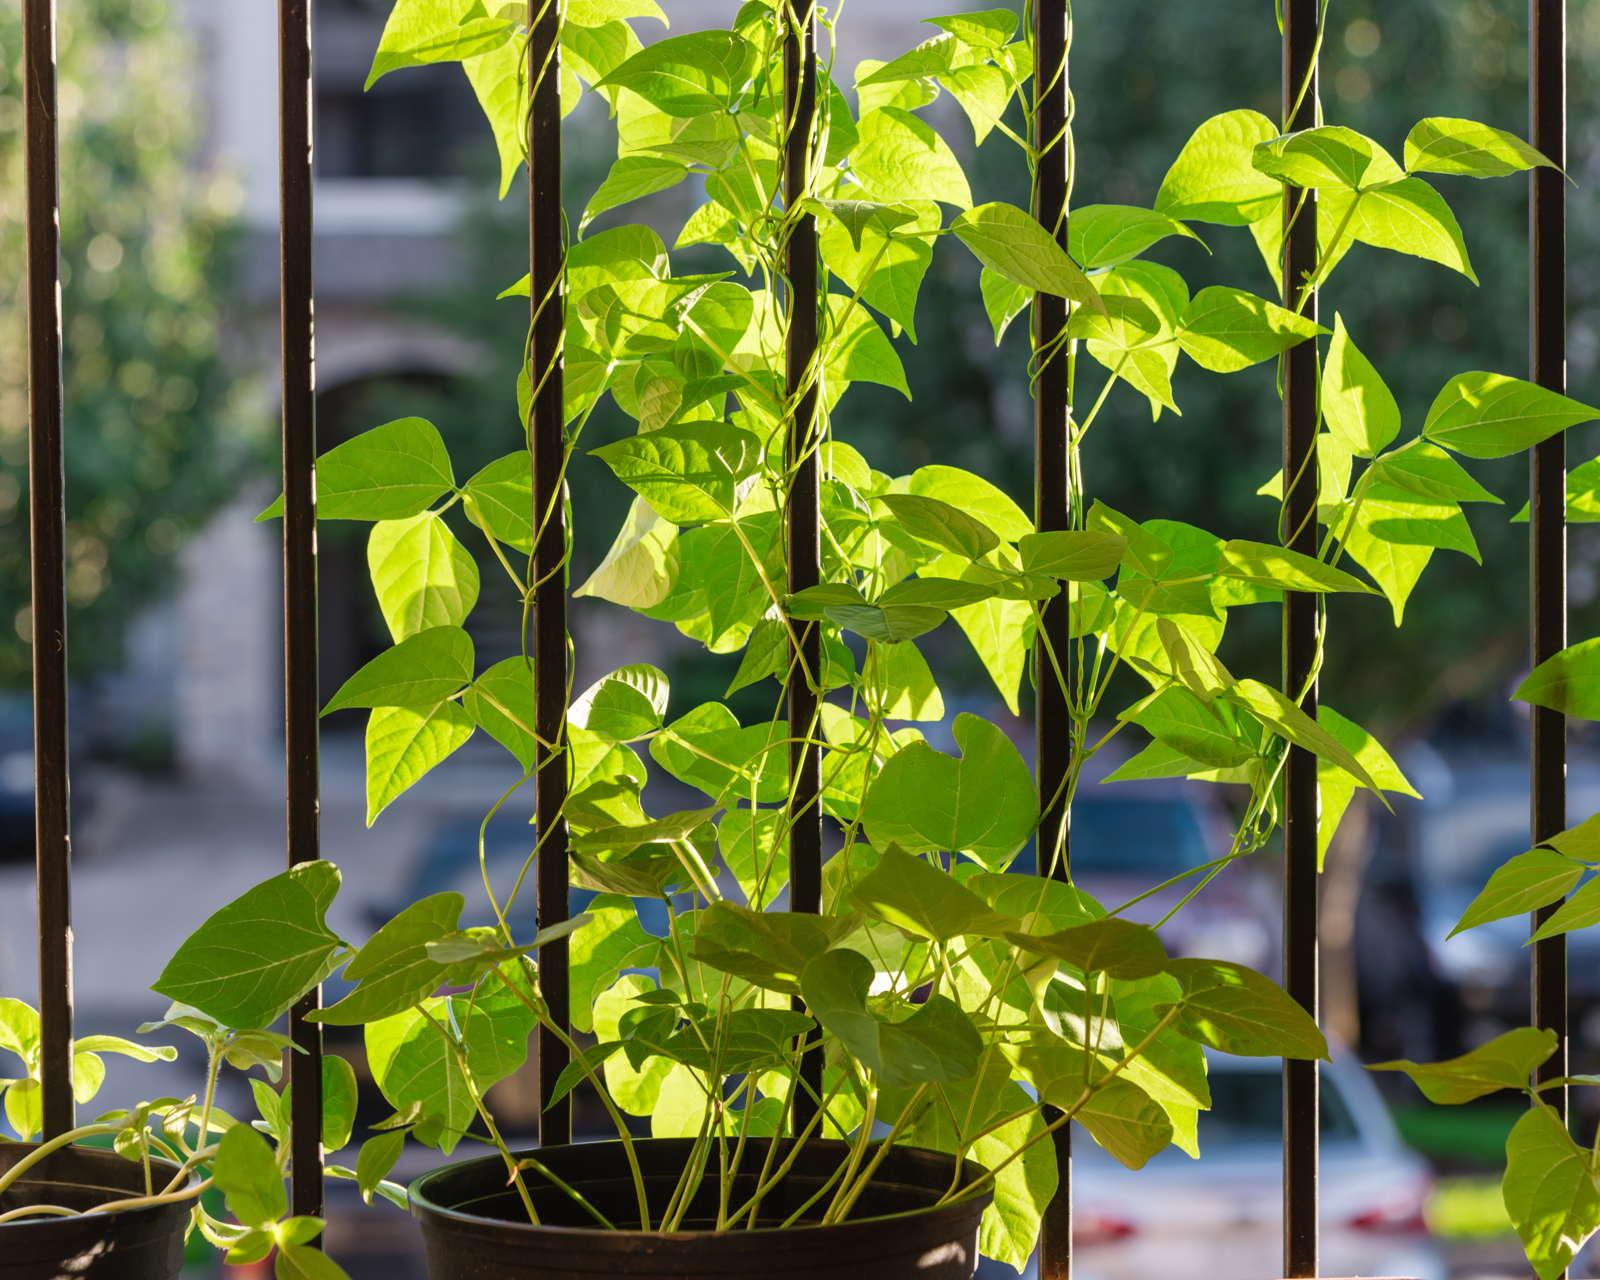 Gemüse Im Topf Anbauen Die 10 Besten Sorten Für Die Topfkultur